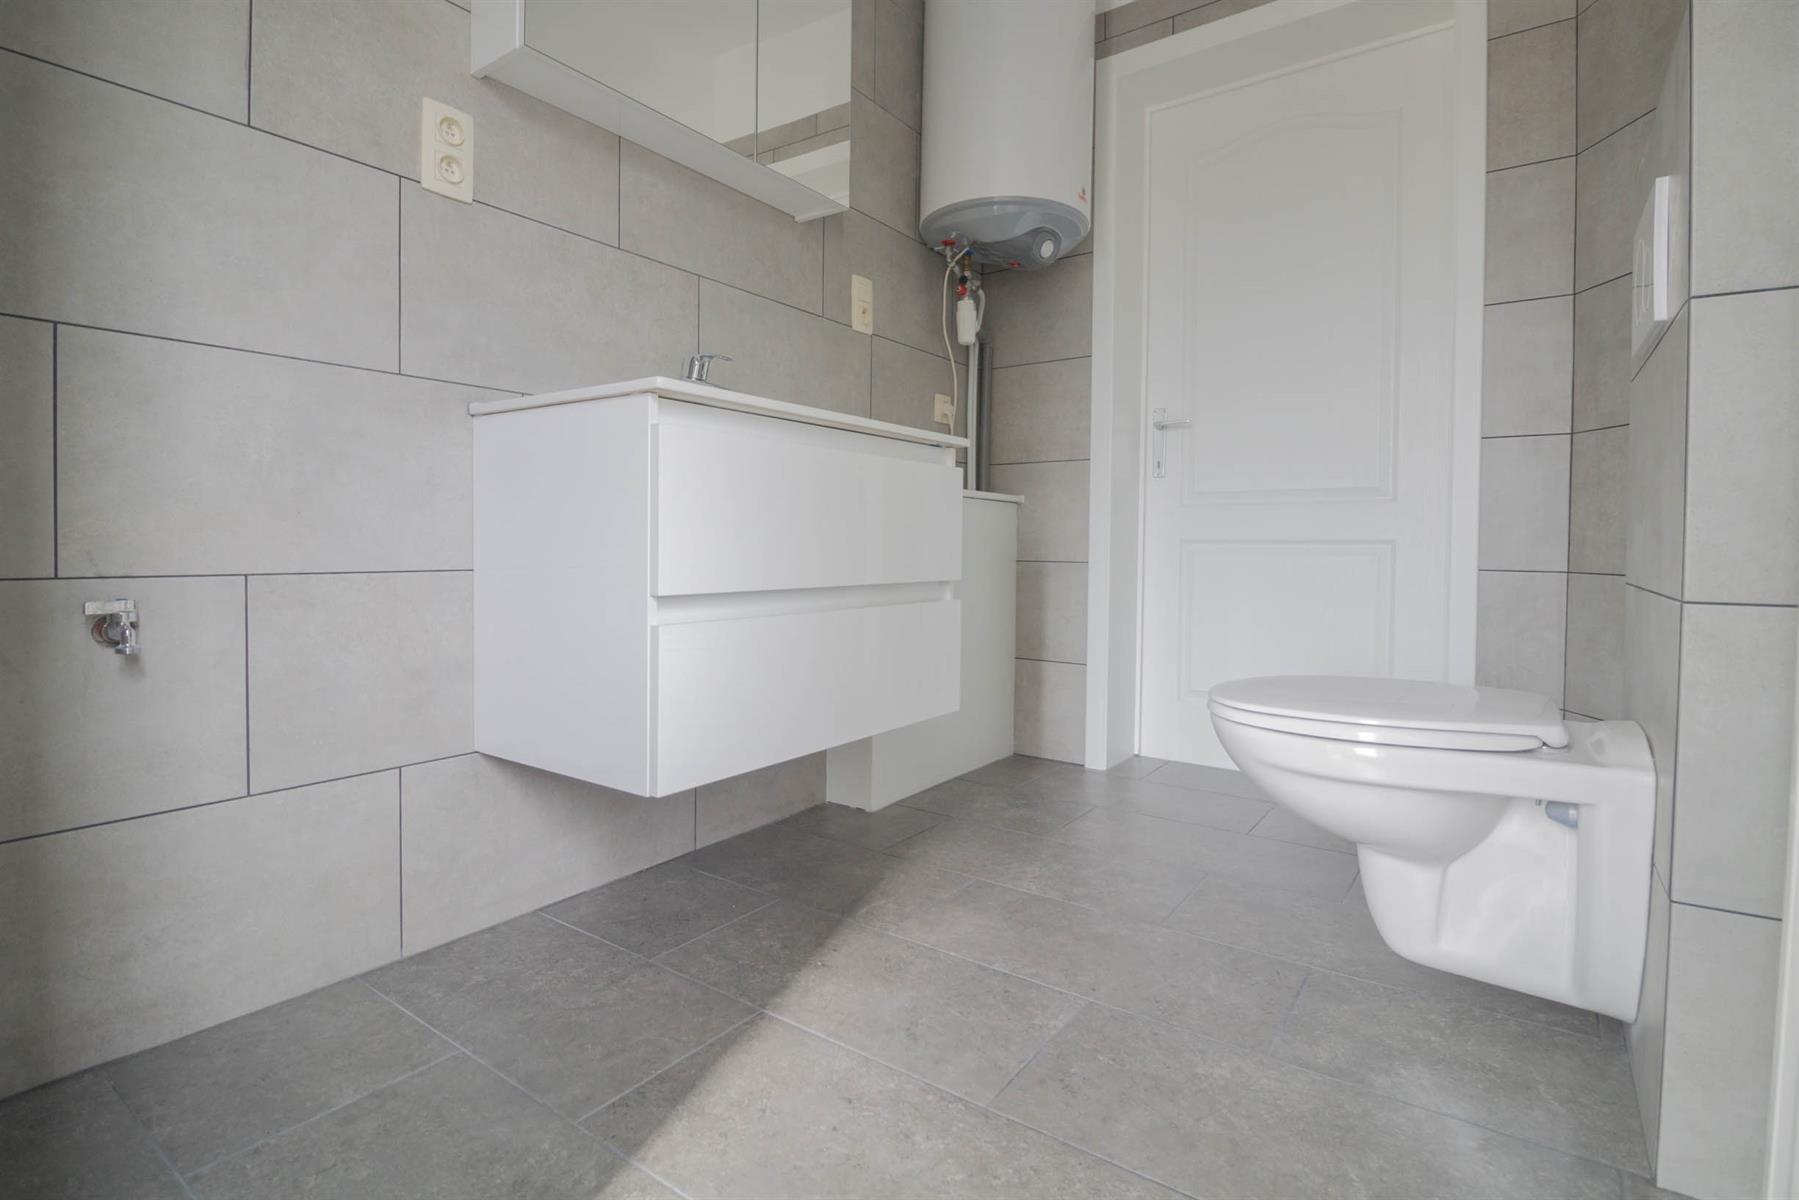 Appartement - Montigny-le-Tilleul - #4349715-12